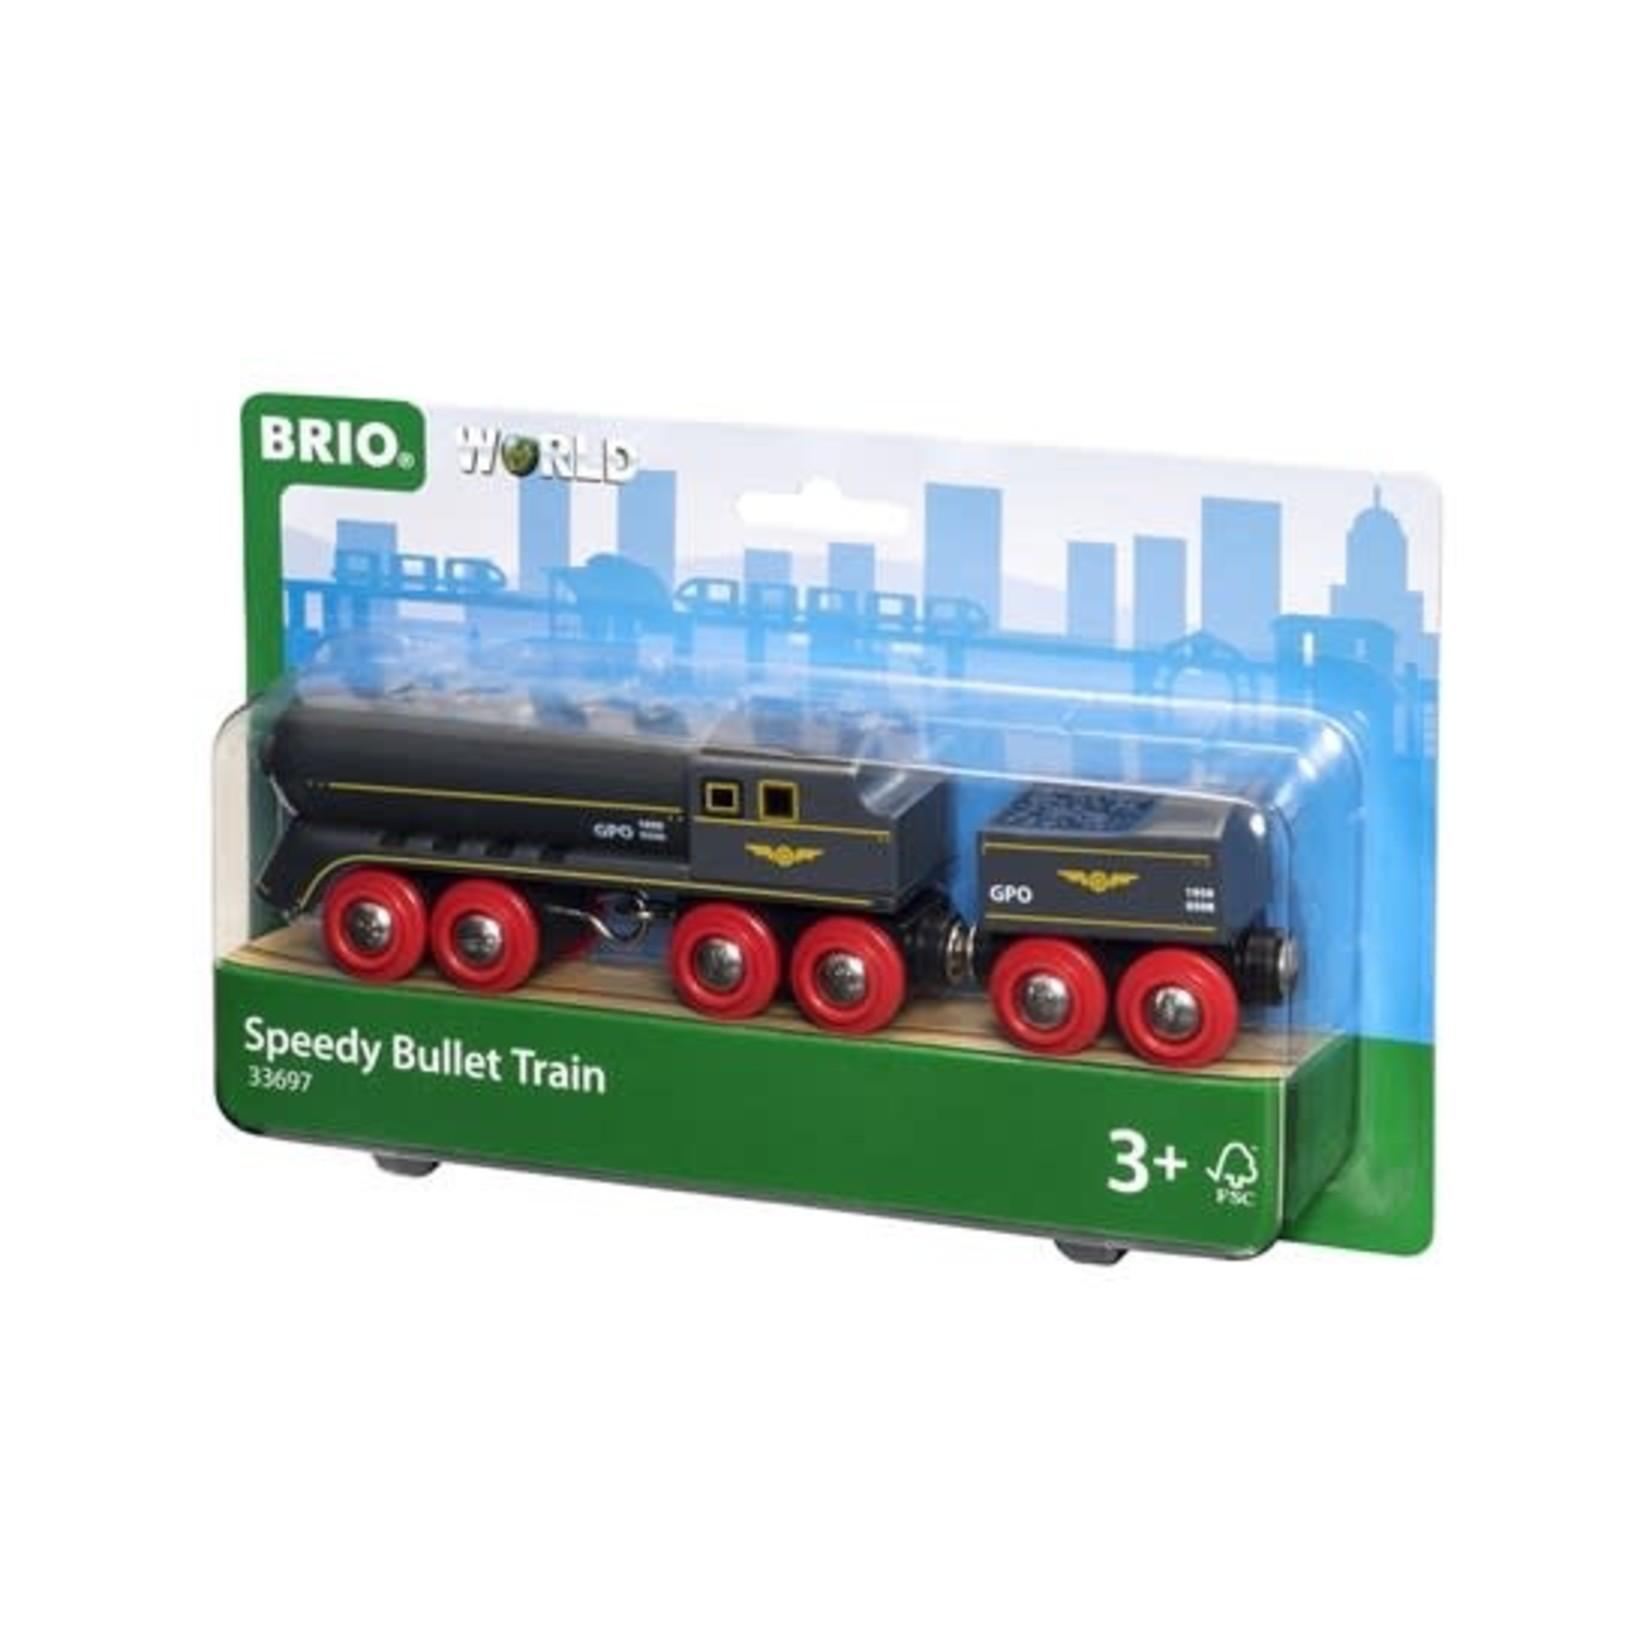 BRIO 33697 SPEEDY BULLET TRAIN